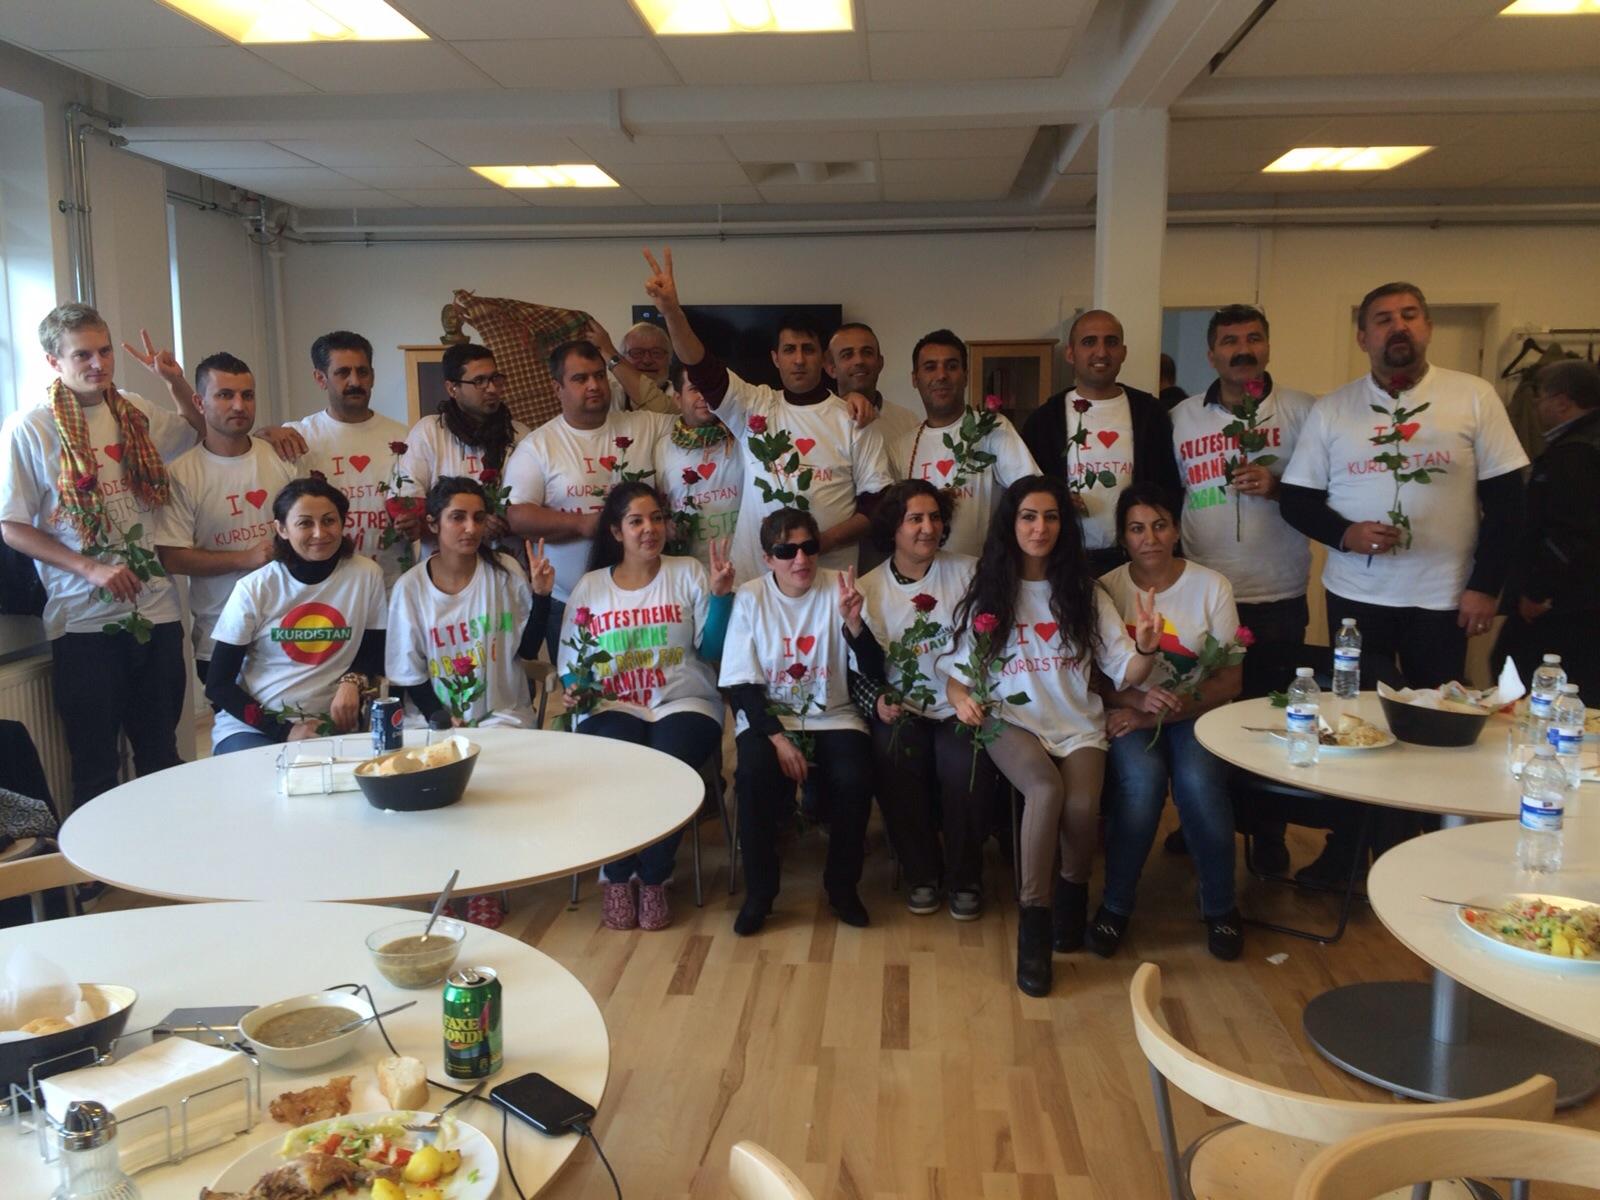 DKKC: Sultestrejken har tjent sit formål